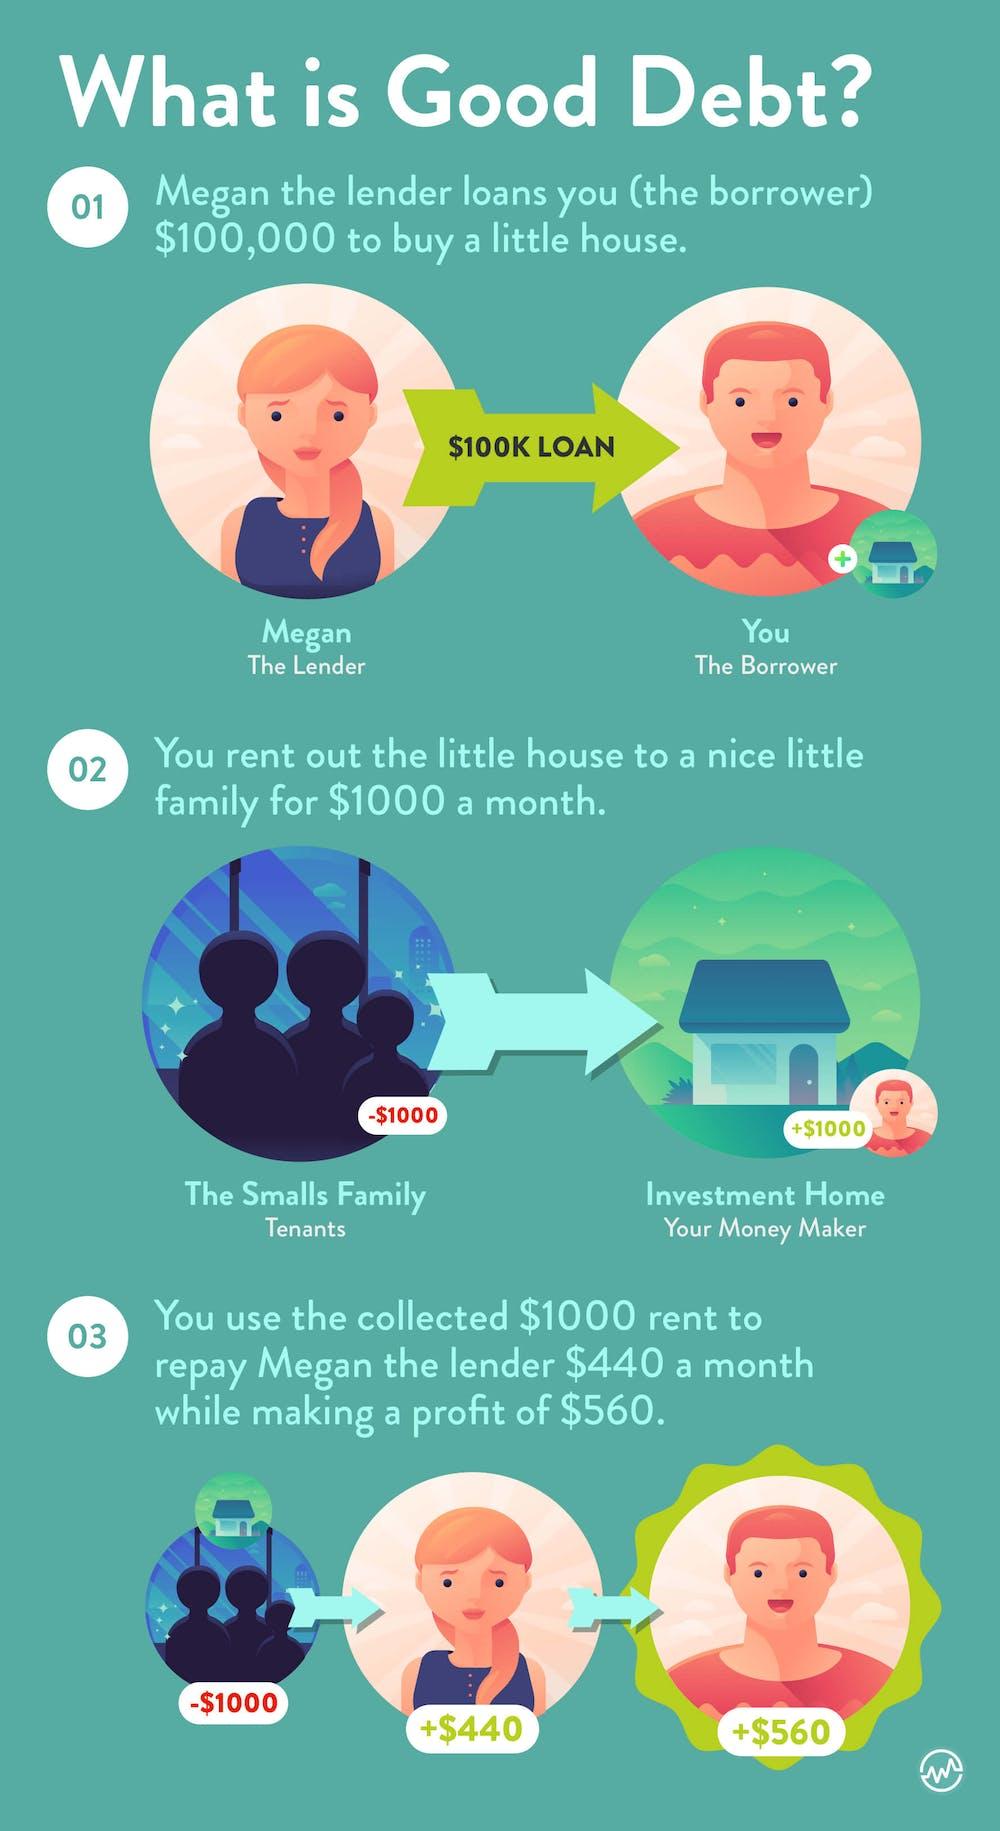 Good Debt vs Bad Debt